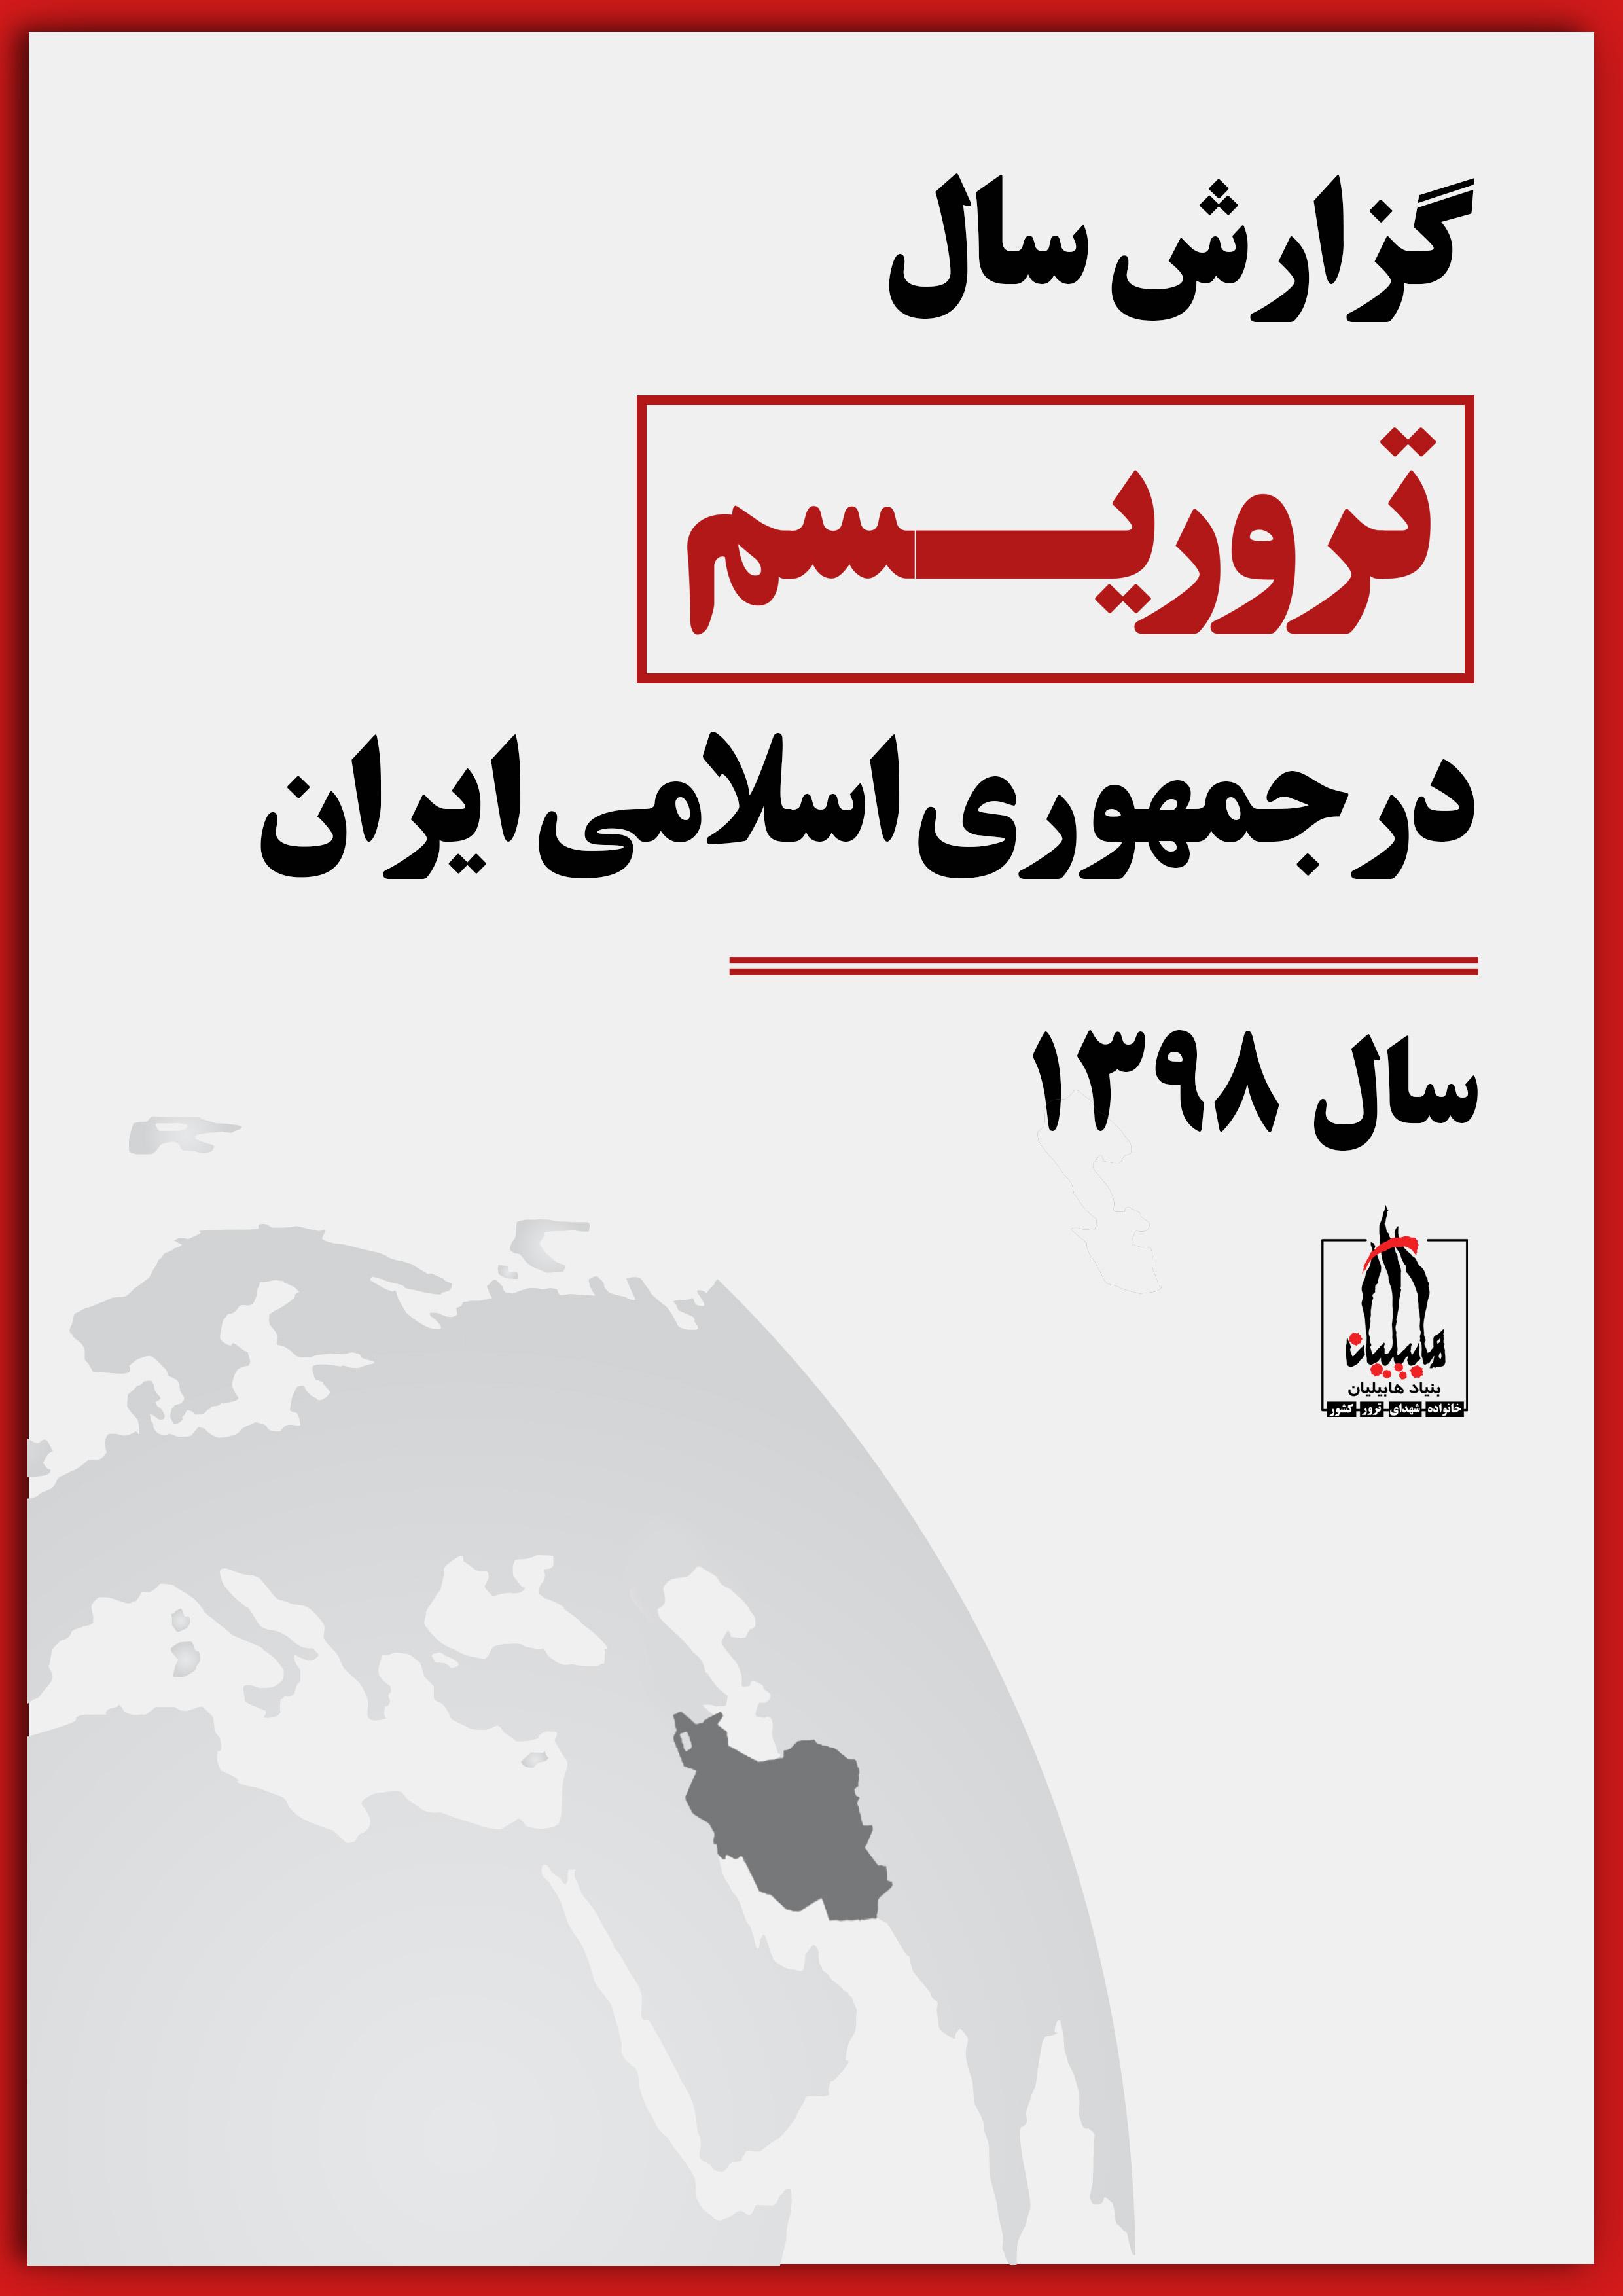 گزارش سال تروریسم در جمهوری اسلامی ایران؛ سال 1398